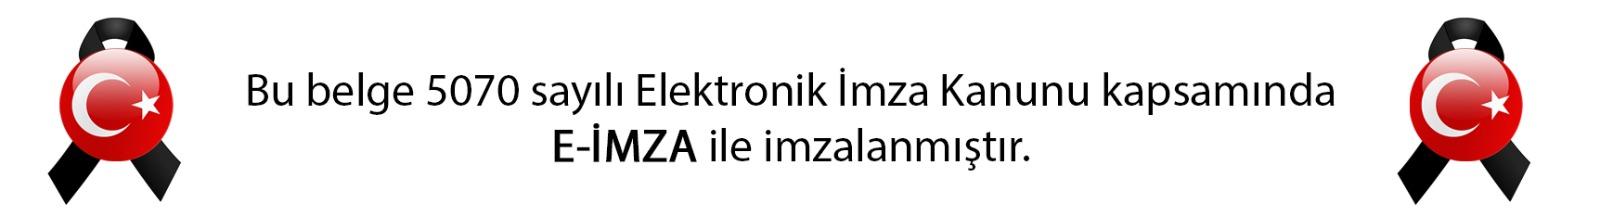 PROSAFETY E-İMZA ONAY